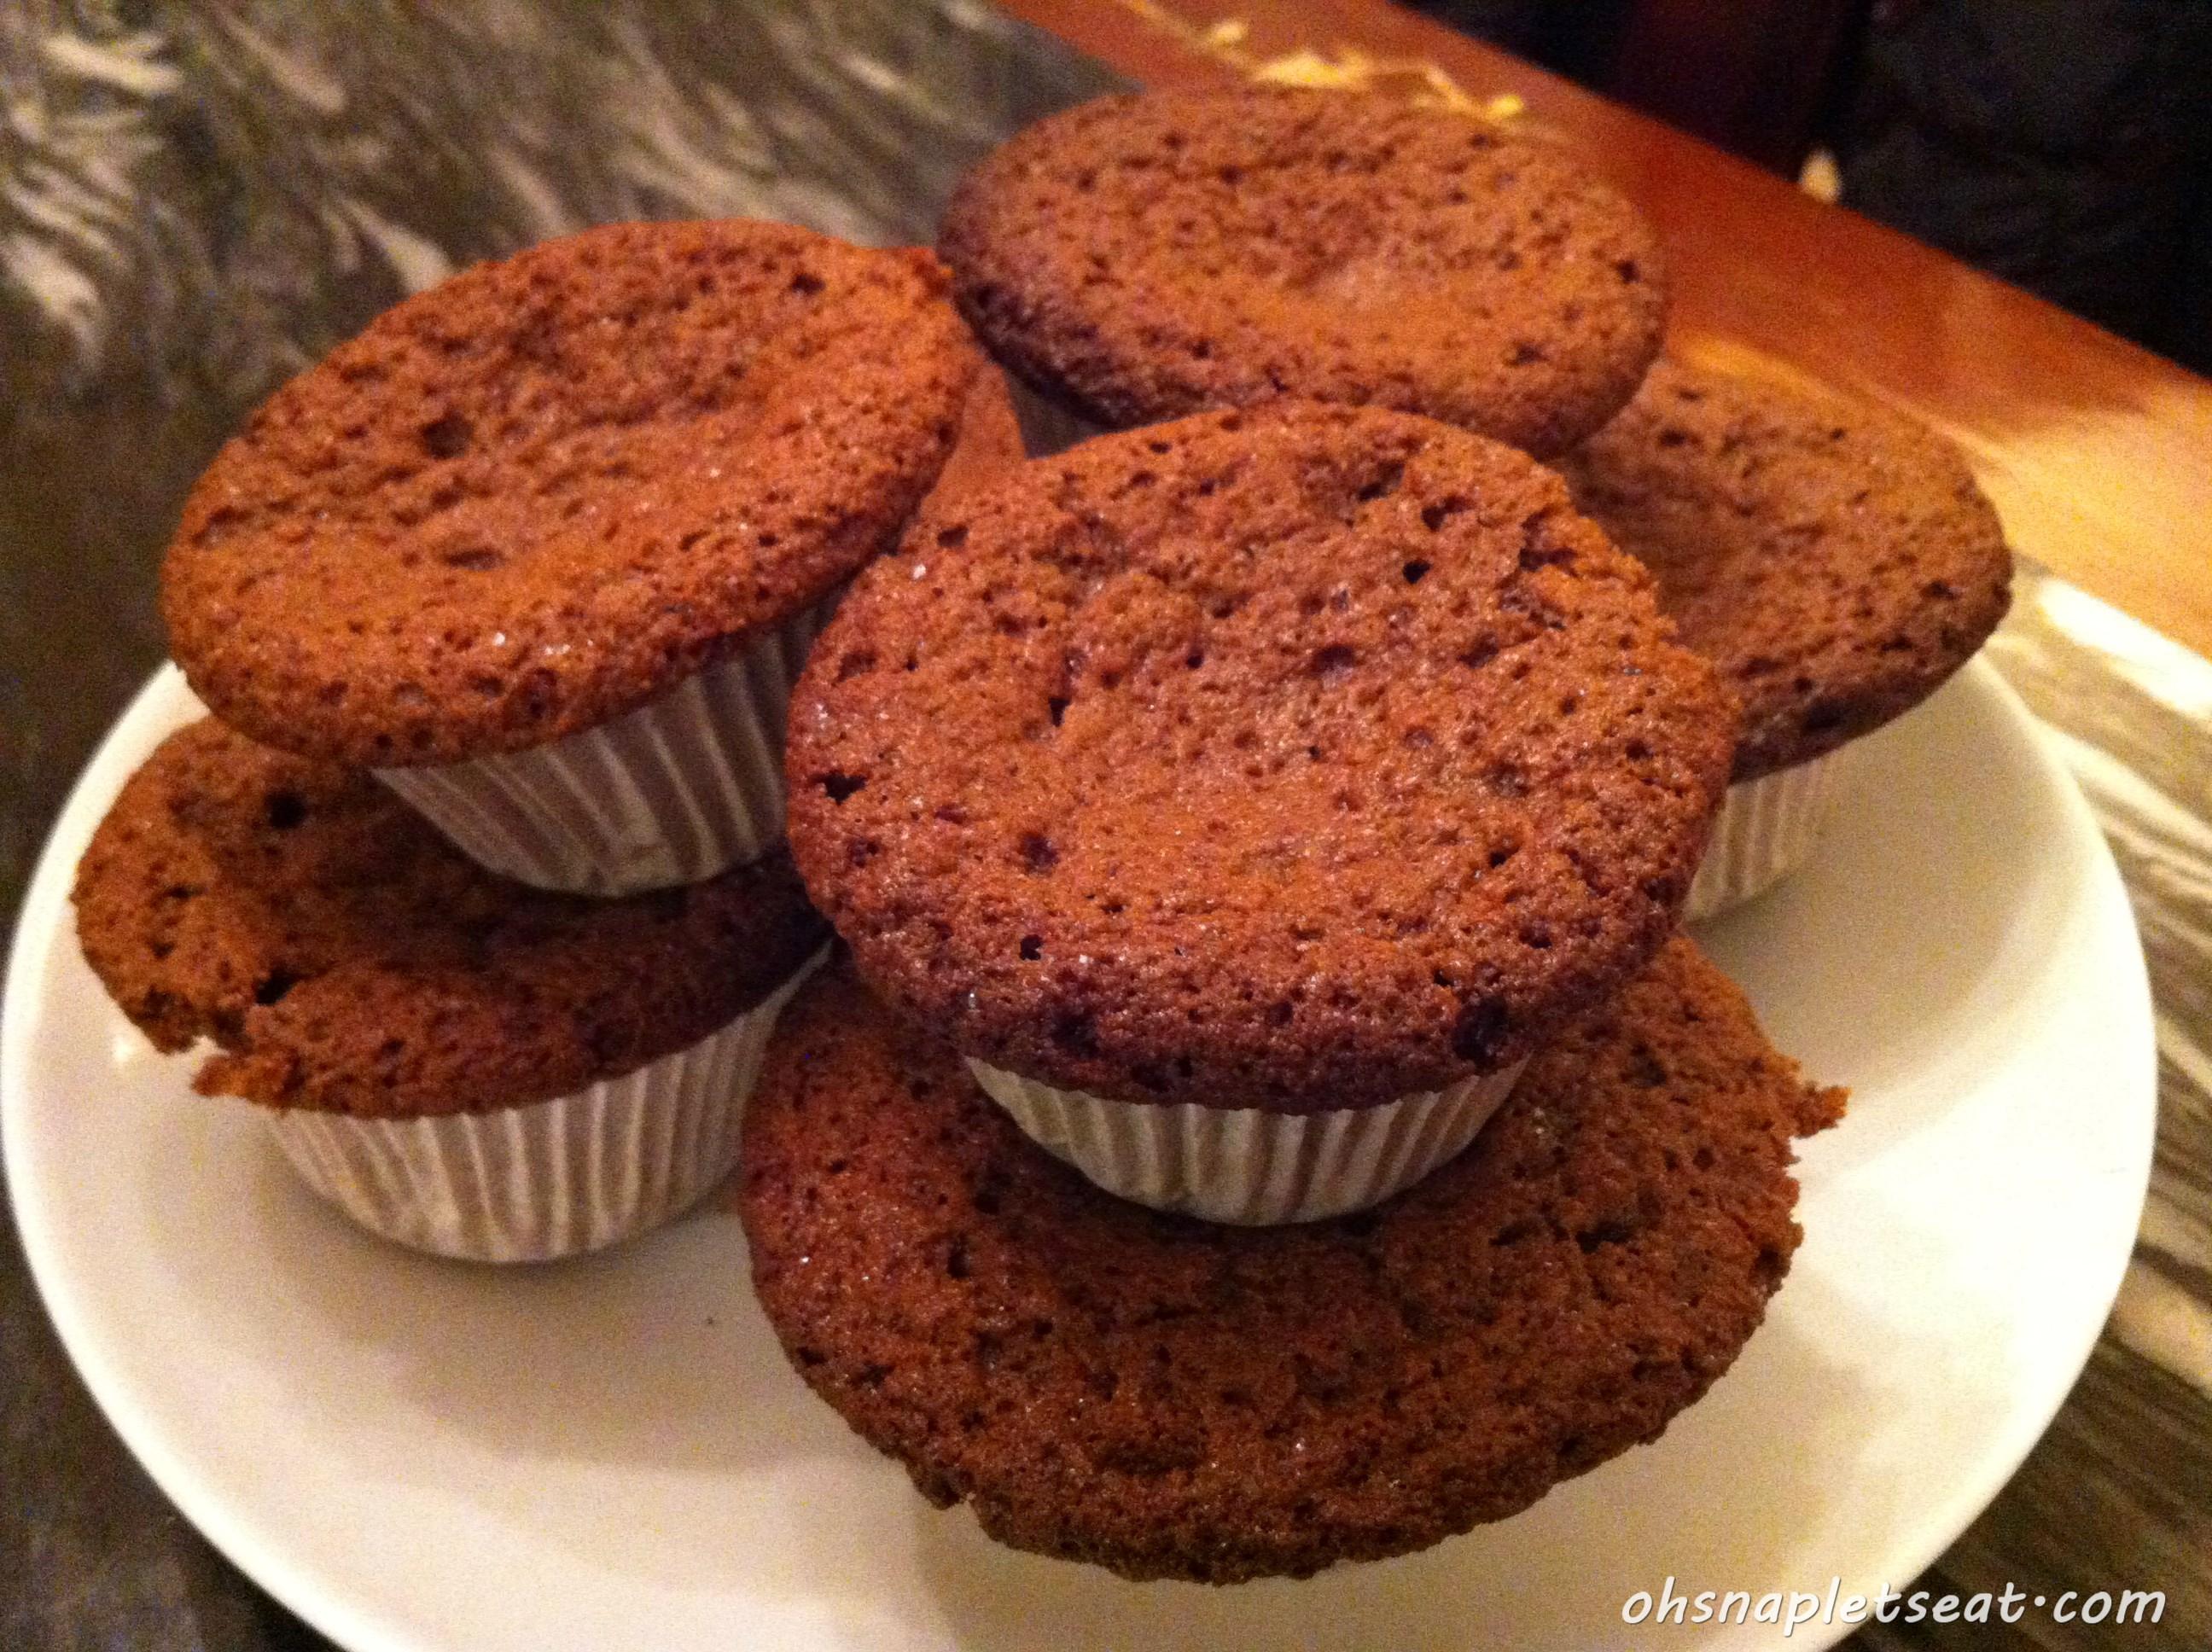 Paleo Chocolate muffins